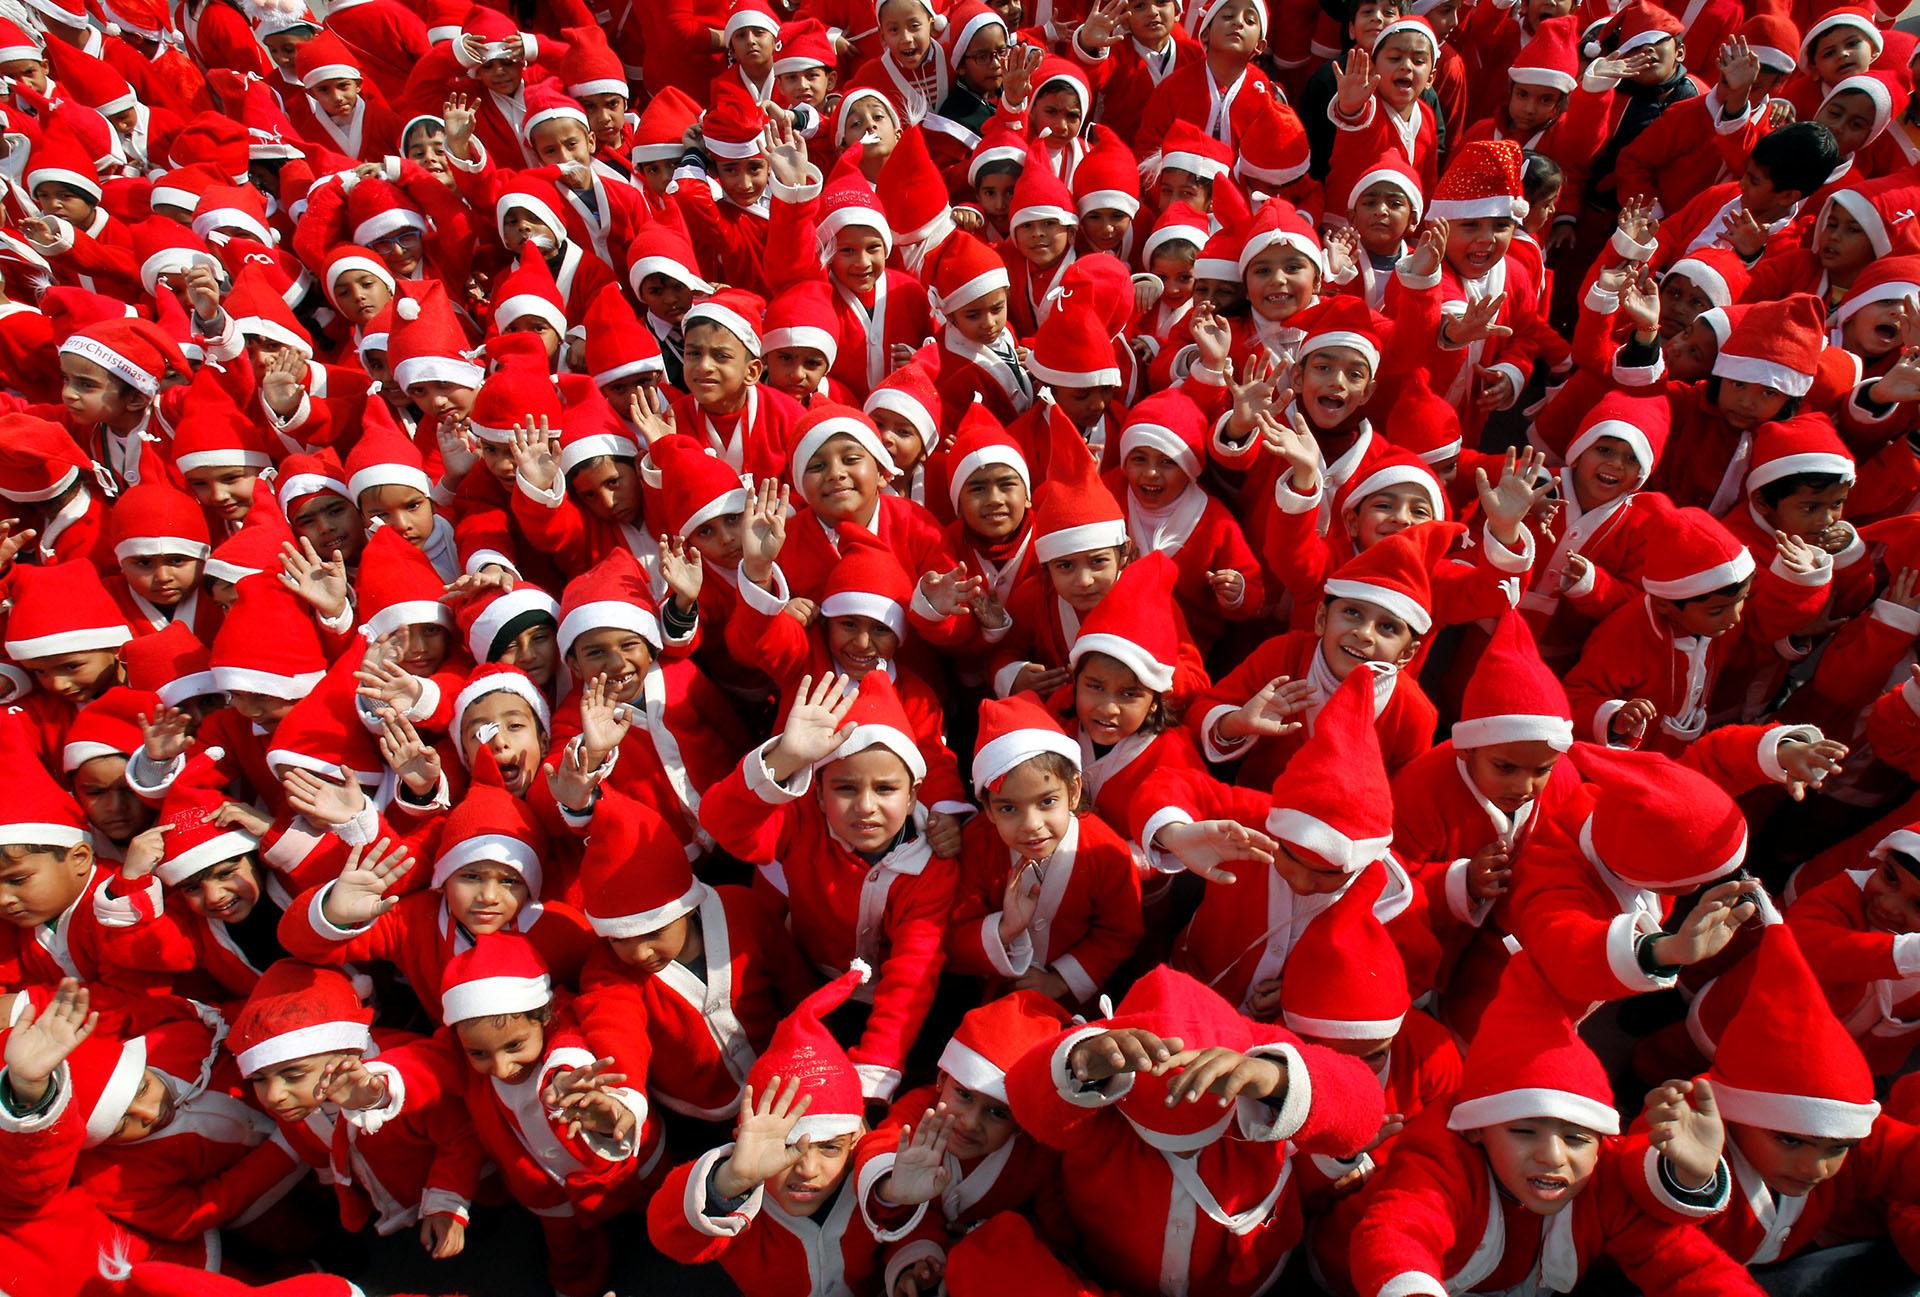 Niños vestidos con trajes de Santa Claus saludan mientras participan en las celebraciones navideñas en una escuela de Chandigarh, India, el 20 de diciembre de 2017. (Reuters)